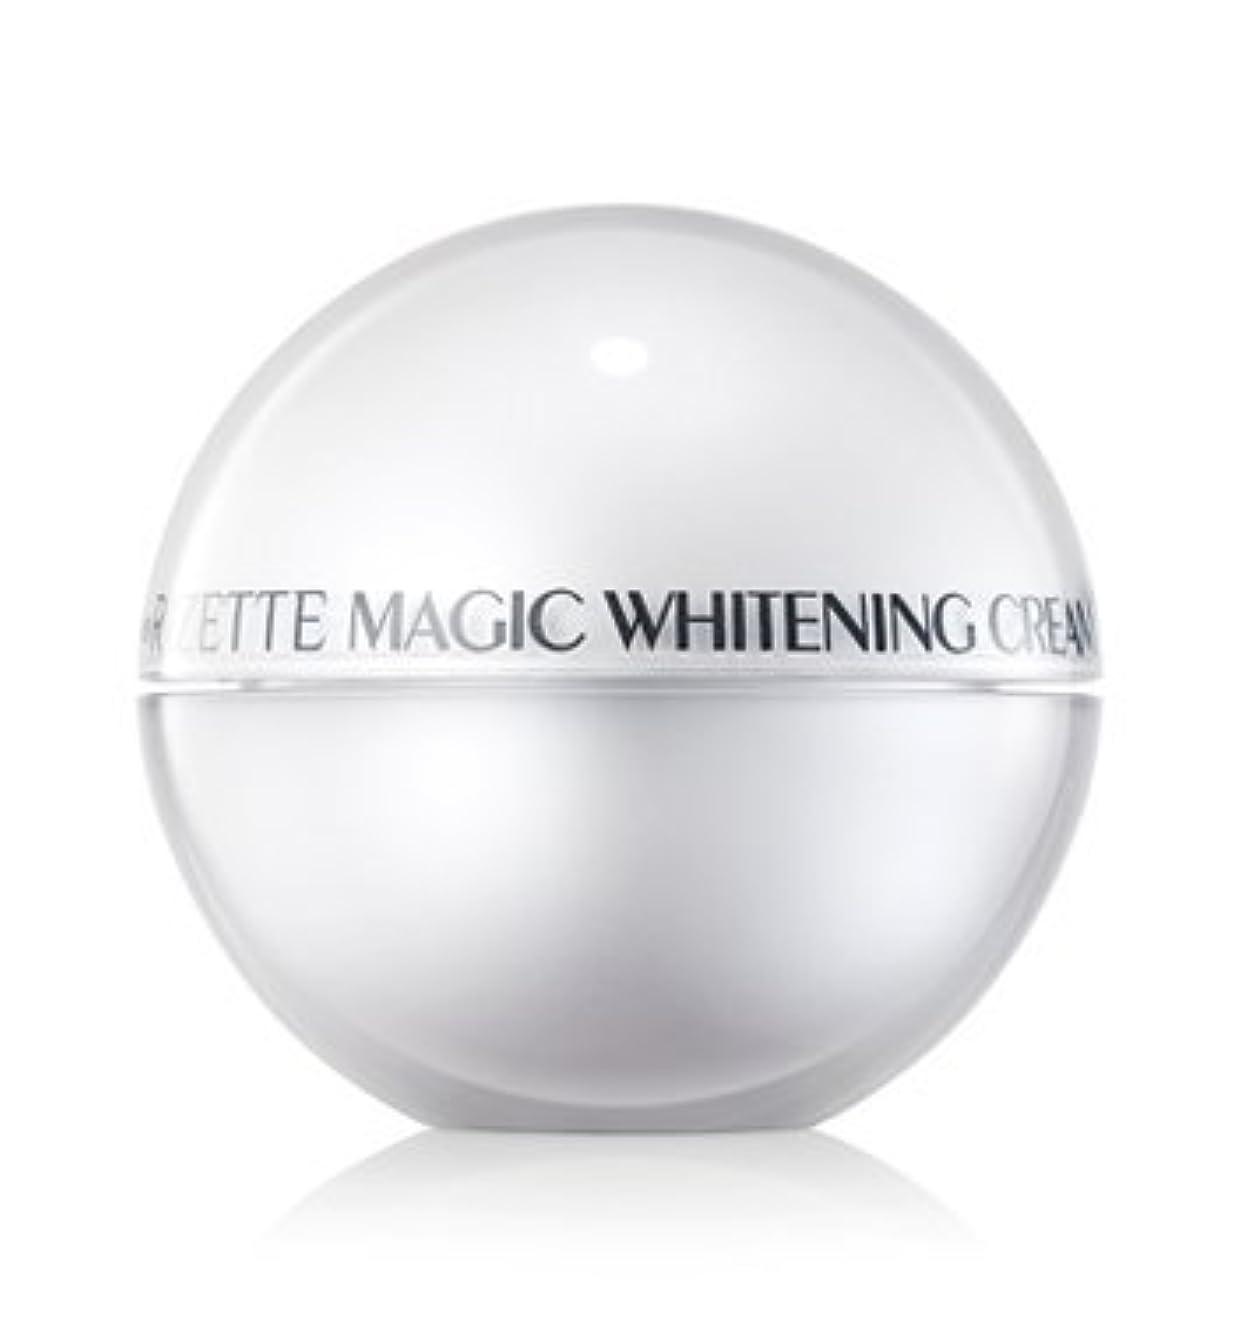 予防接種ロータリー壊滅的なリオエリ(Lioele) Rizette マジック ホワイトニング クリーム プラス/ Lioele Rizette Magic Whitening Cream Plus[並行輸入品]